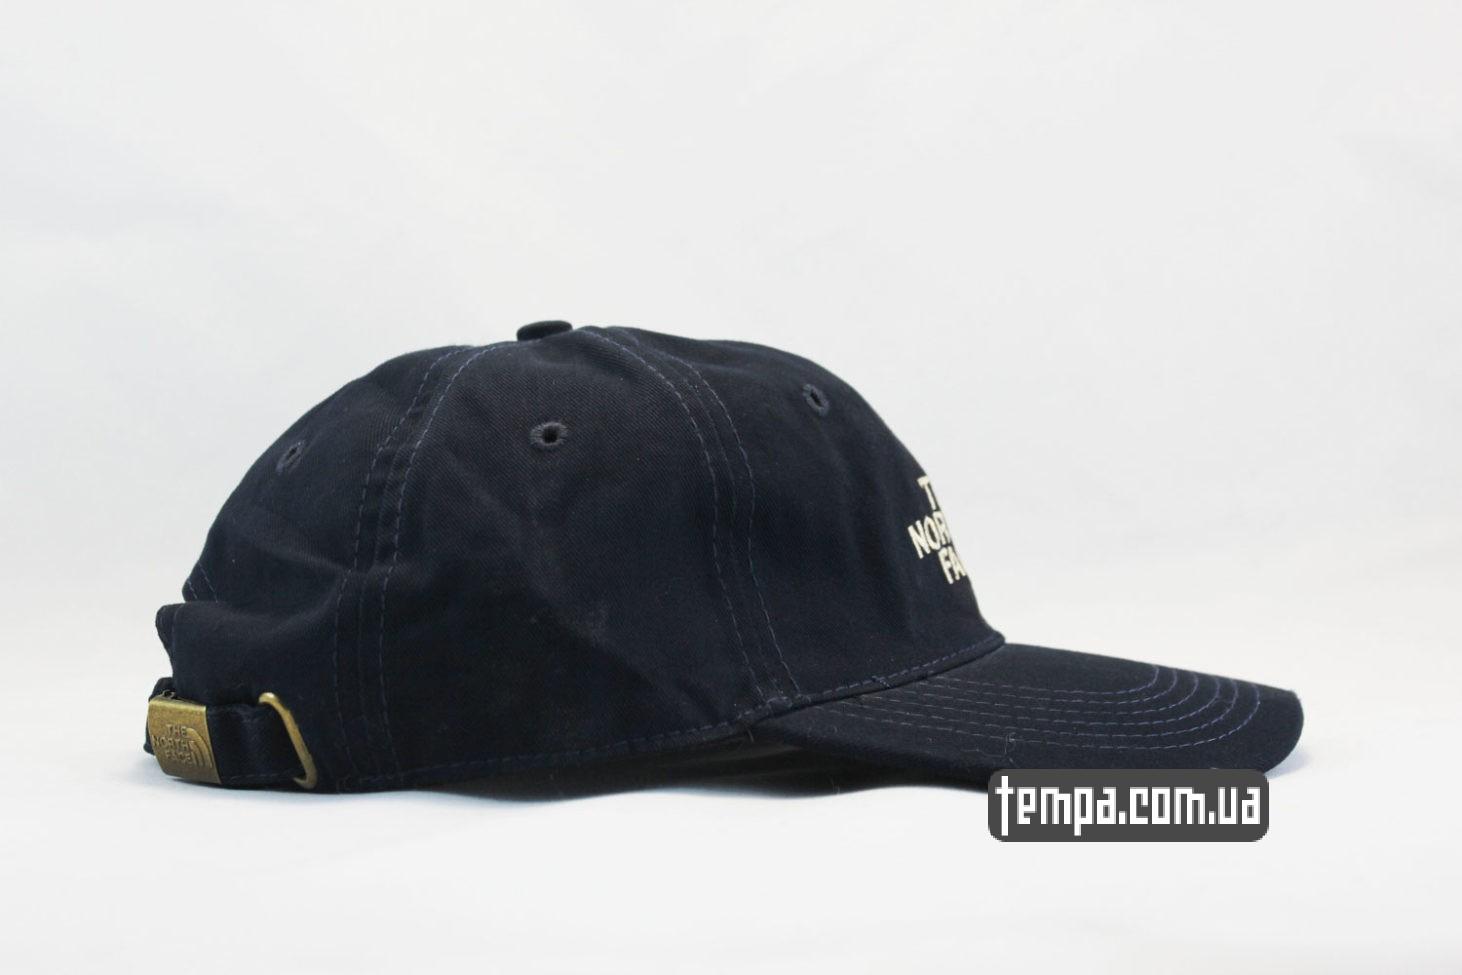 норс фейс купить кепка бейсболка the north face синяя оригинал купить